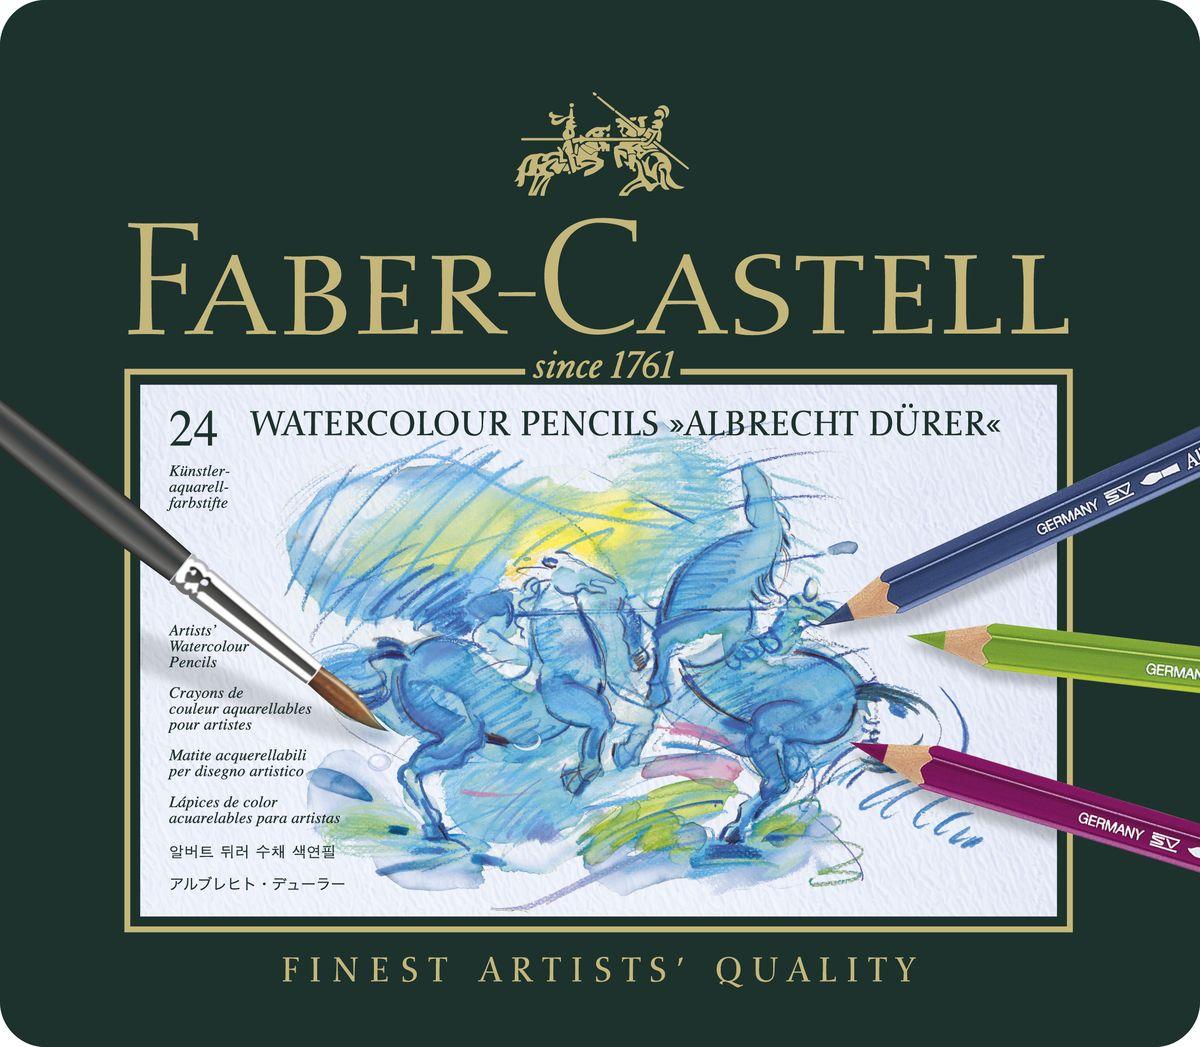 Faber-Castell Акварельные карандаши ALBRECHT DURER набор цветов в металлической коробке 24 шт117524• акварельные карандаши наивысшего качества • толстый грифель толщиной 3,8 мм • высококачественные пигменты гарантируют устойчивость к выцветанию, выразительный цвет